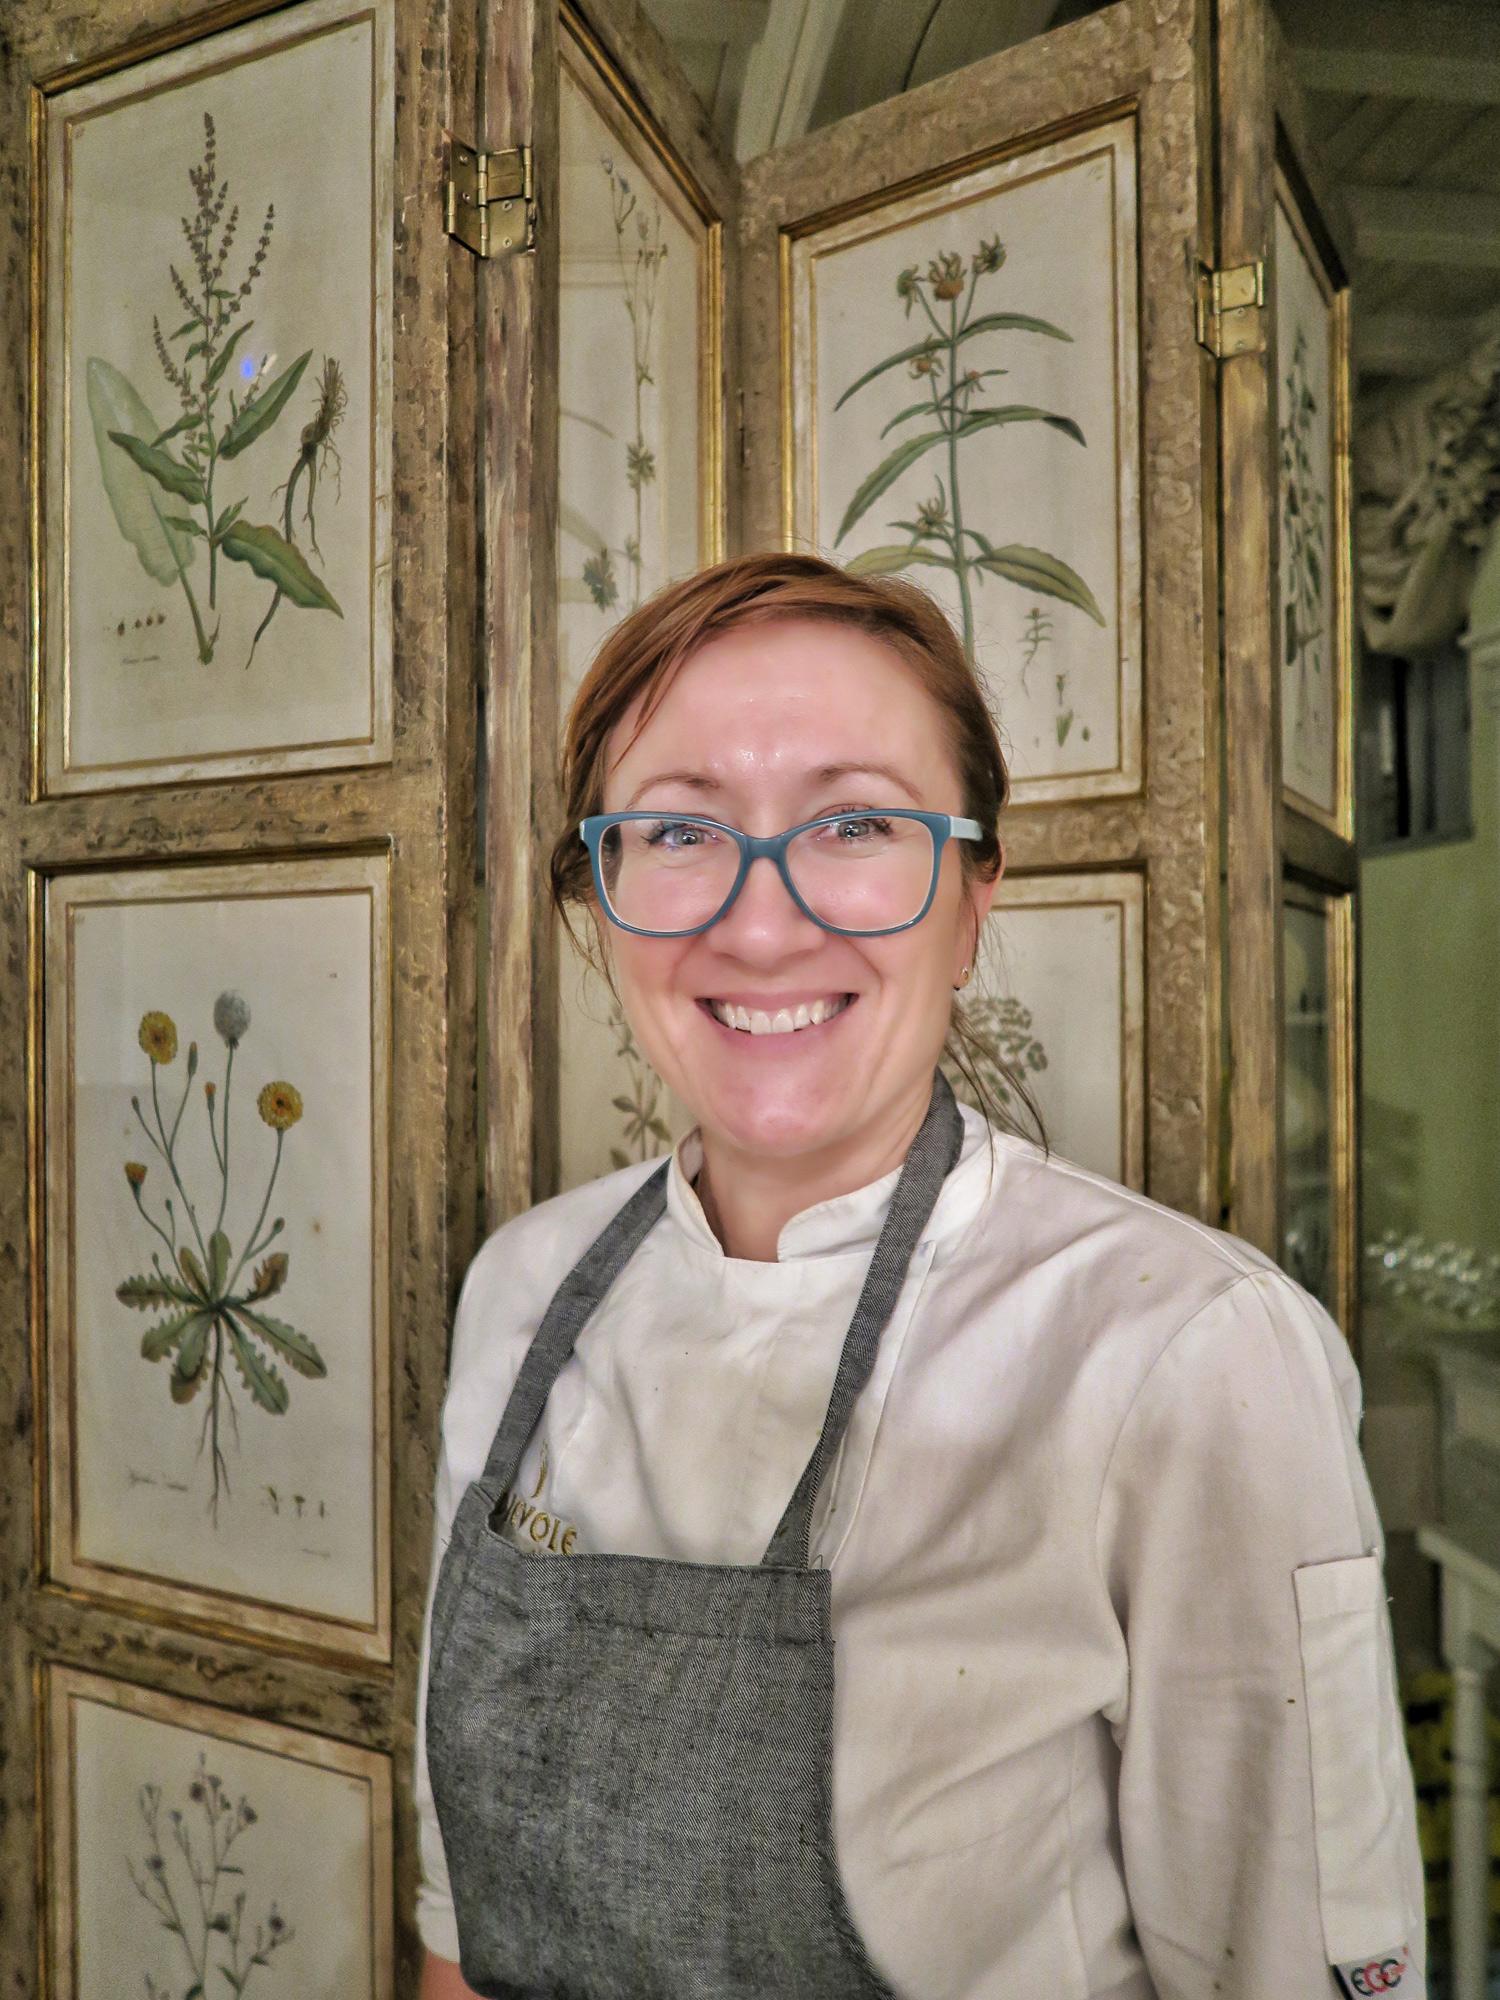 Monika Filipinska, chef del ristorante Novecento a Dievole | ©foto Sandra Longinotti